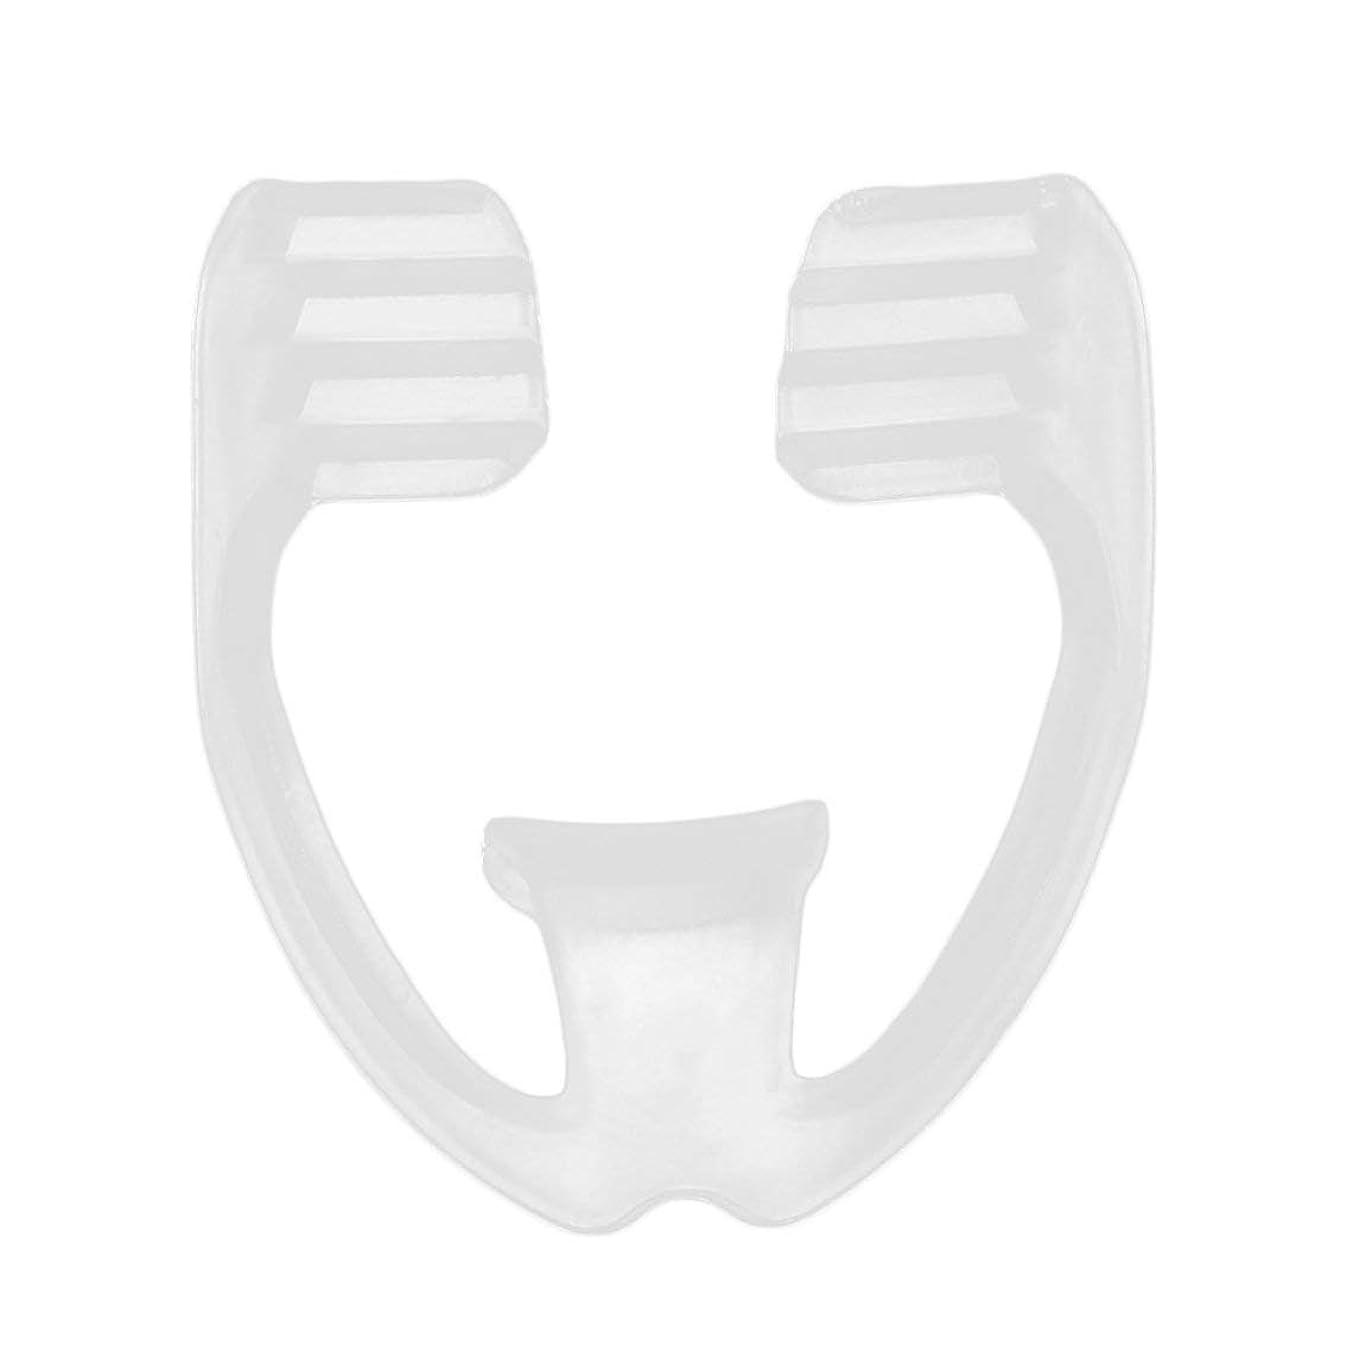 アナウンサーフリンジストリームユニバーサルナイトスリープマウスガードストップ歯ひび割れ防止いびきボディヘルスケア睡眠補助ガード - 透明